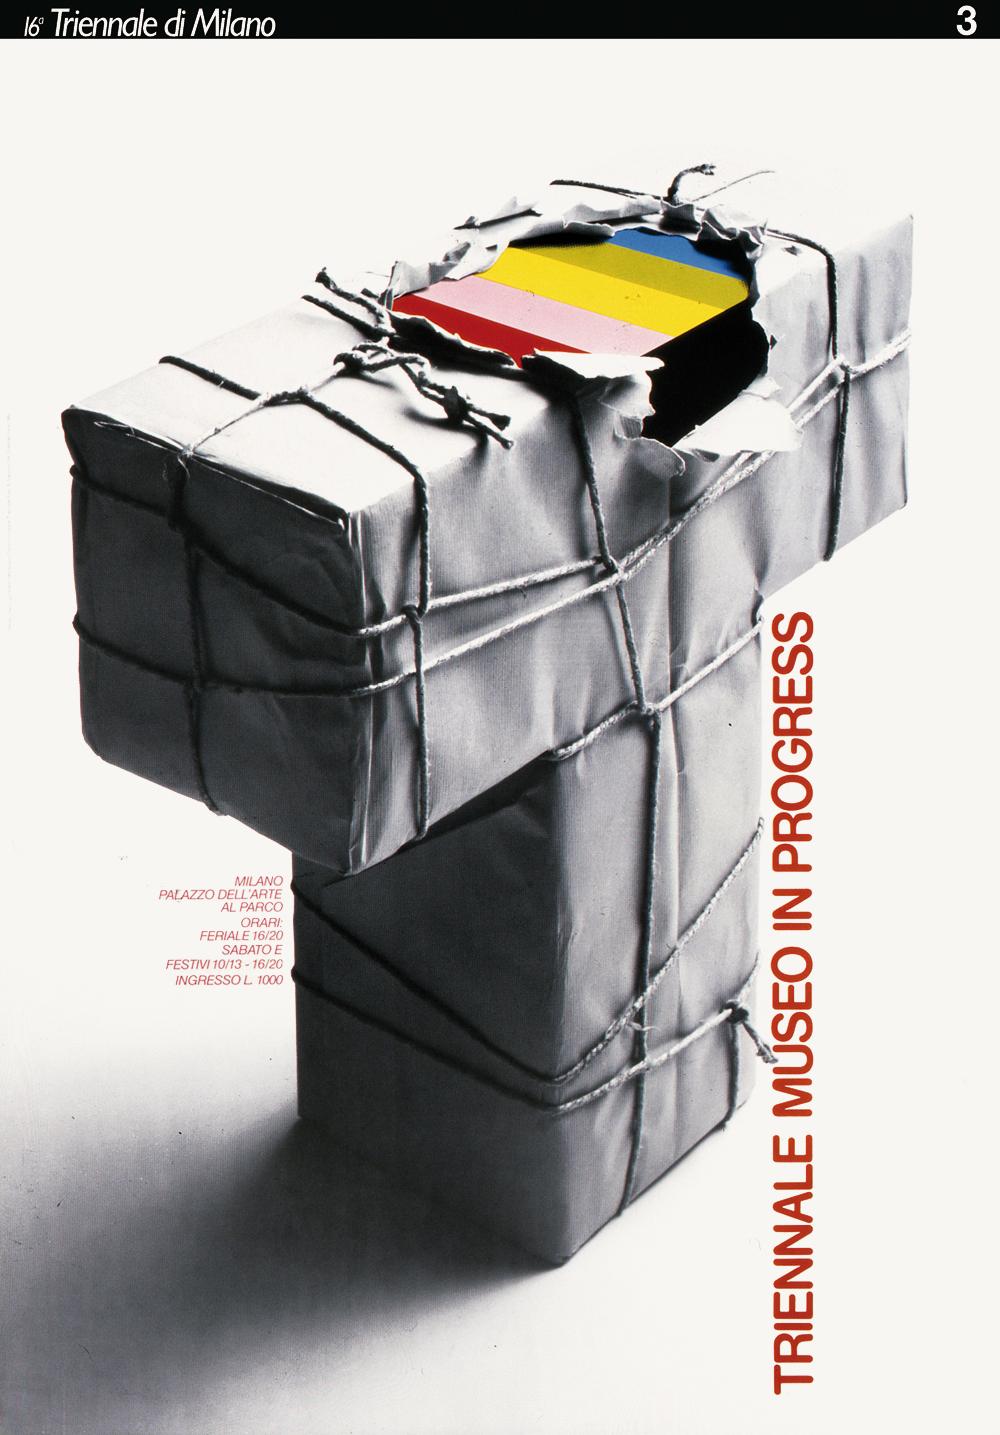 Triennale, nuovo simbolo. Manifesto disegnato con Alberto Marangoni, 1985. / Triennale, new symbol. Poster designed with Alberto Marangoni, 1985.